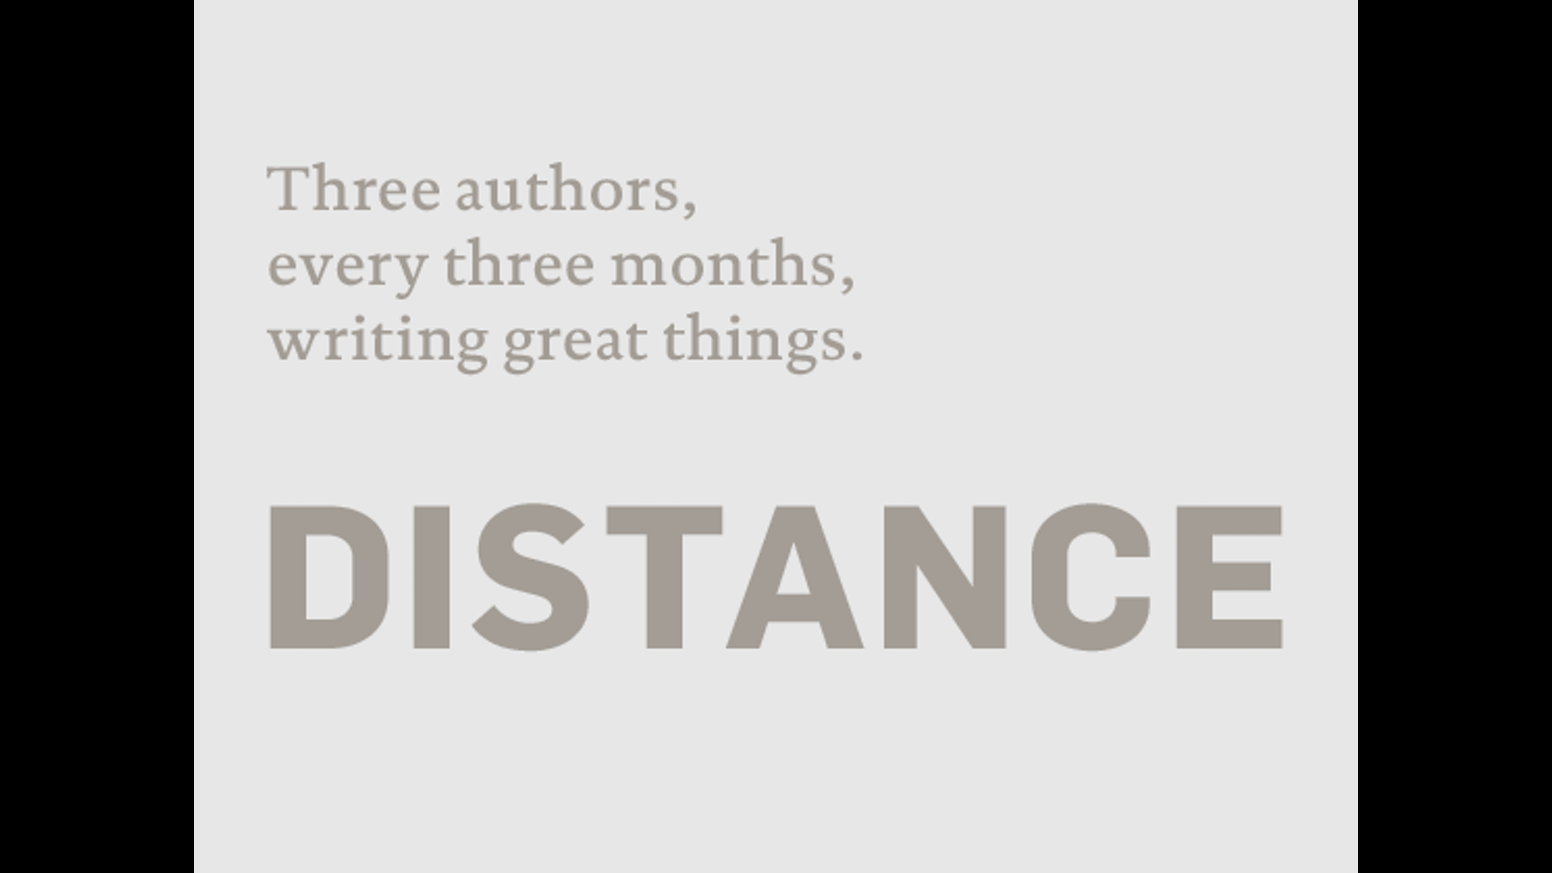 distance long essays about design published quarterly by nick distance long essays about design published quarterly